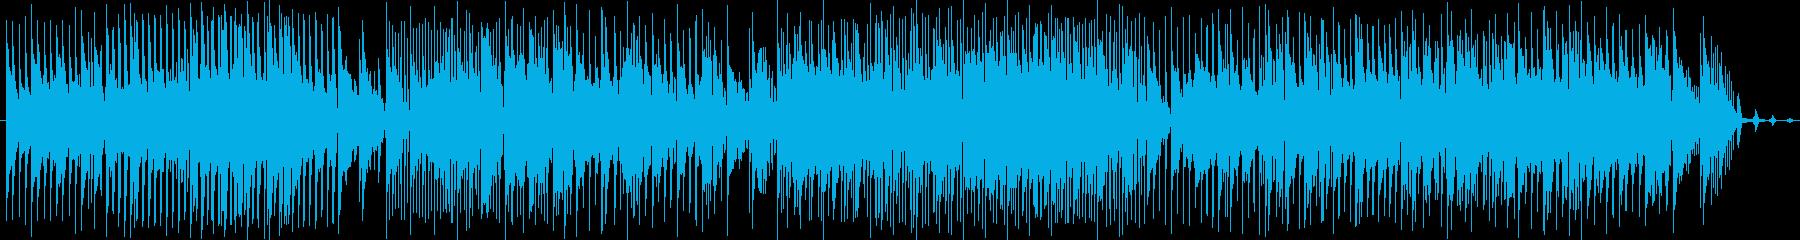 和やかで前向きなBGMを作りました。の再生済みの波形